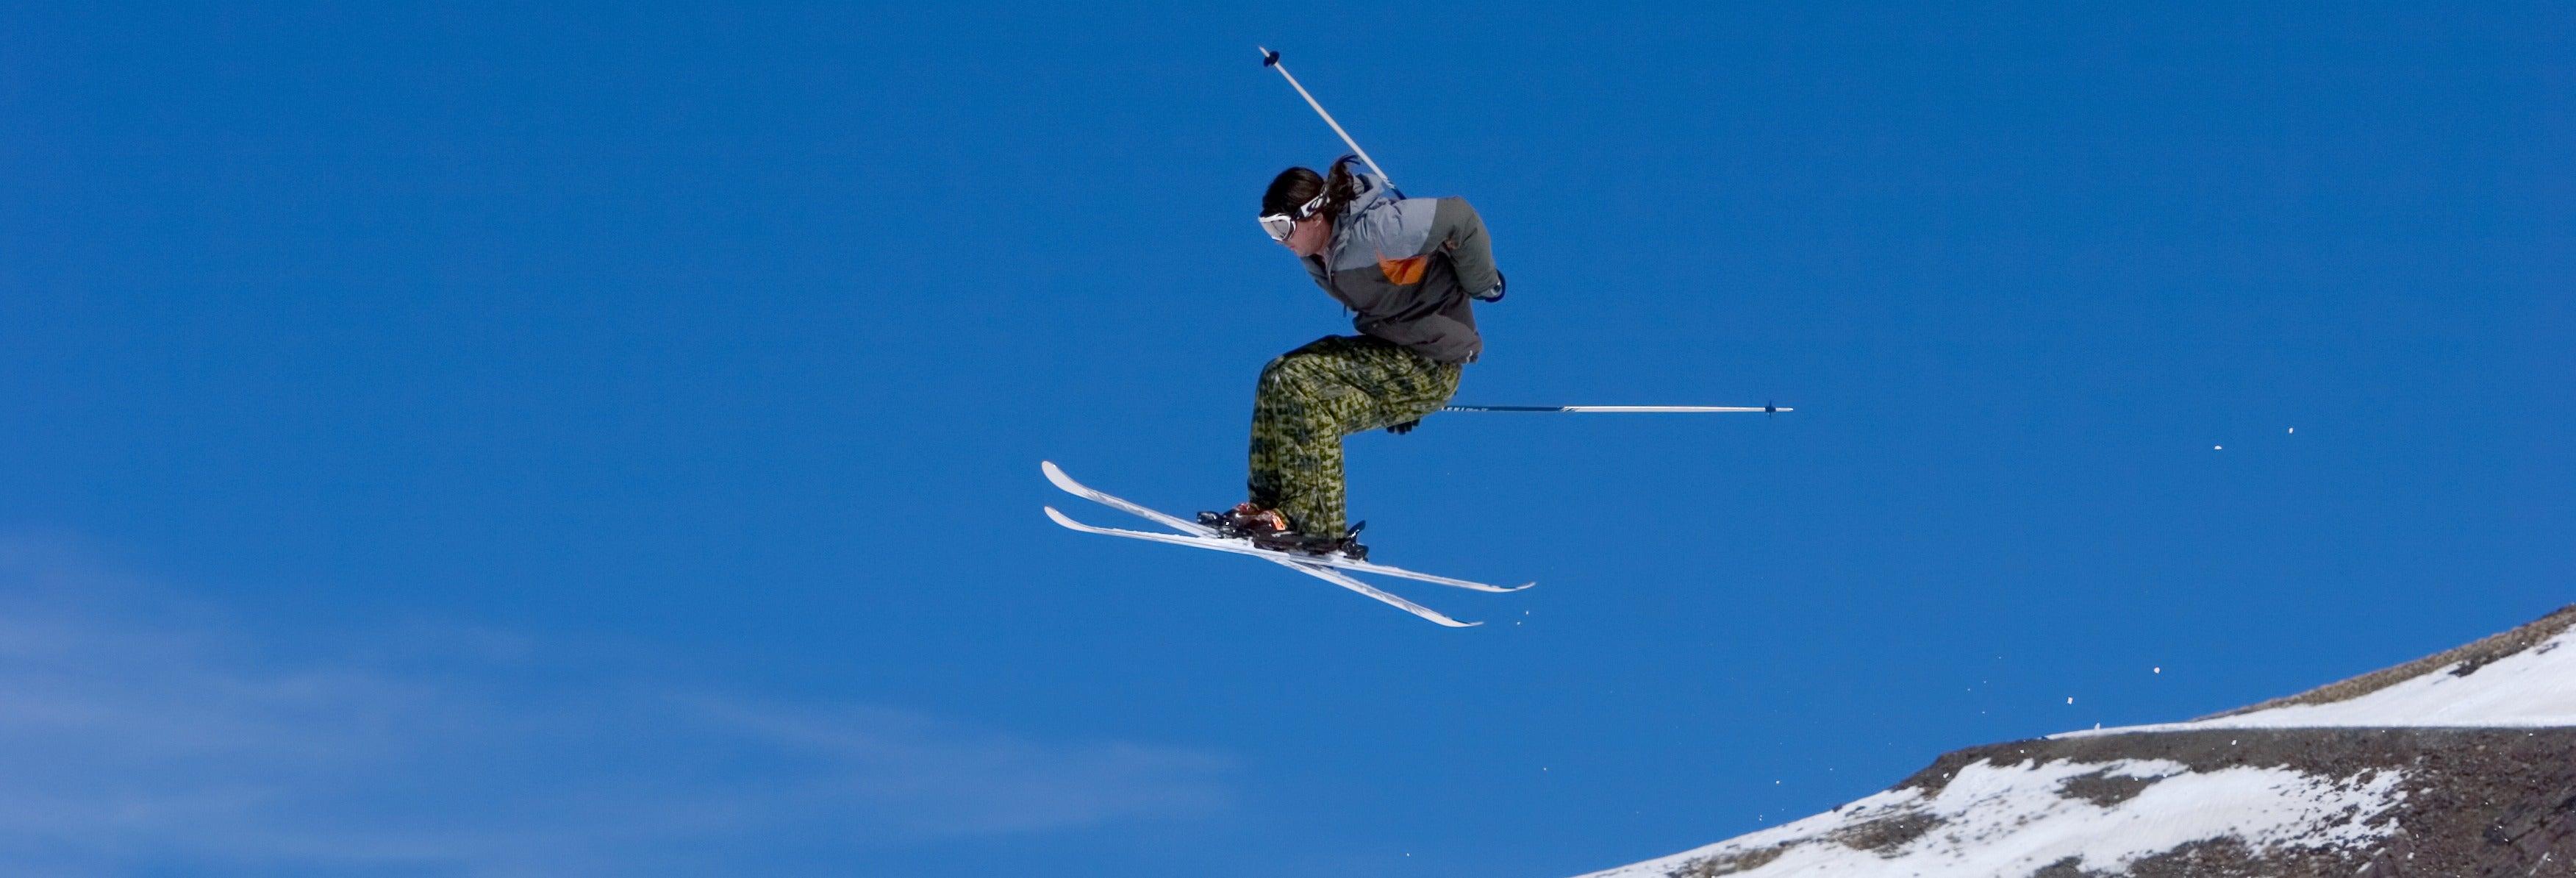 Forfait para Sierra Nevada + Alquiler equipo de esquí o snowboard